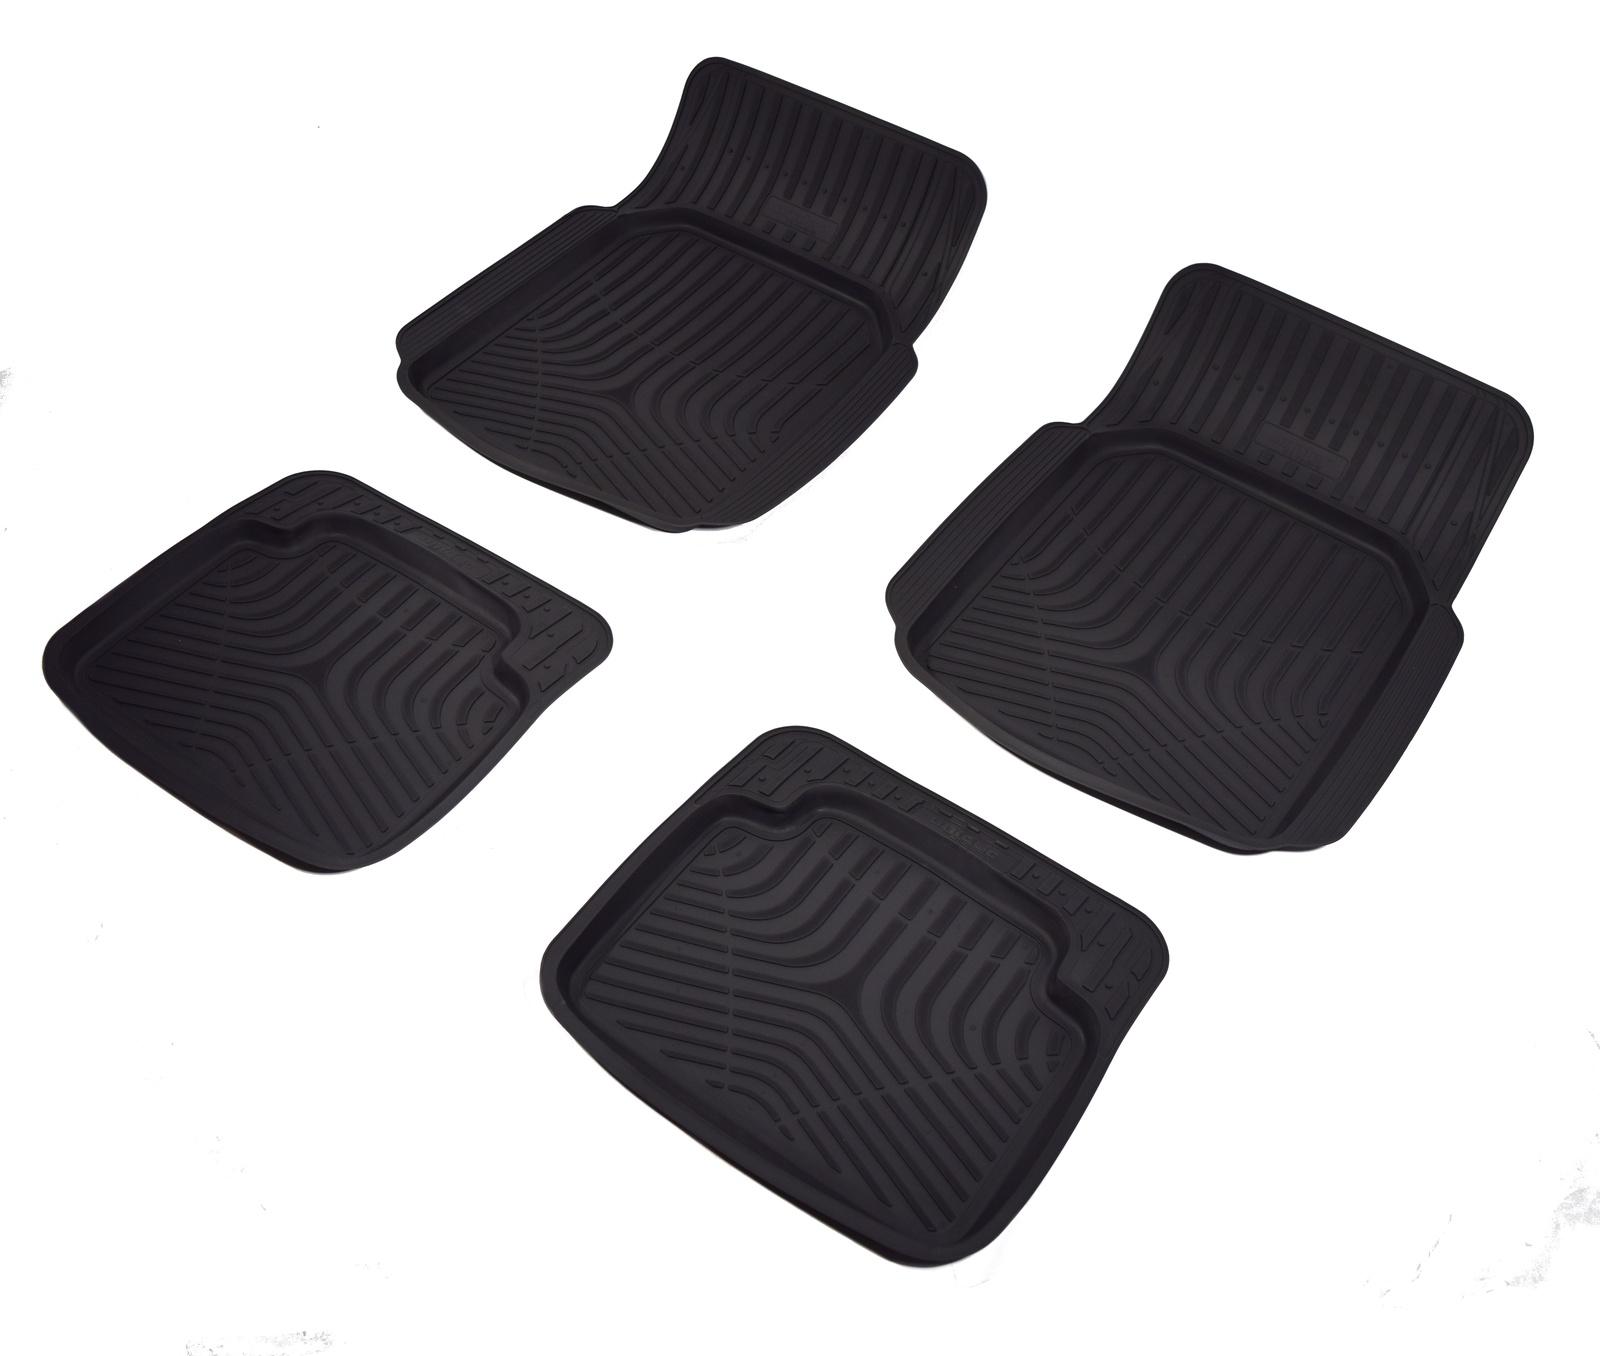 Коврики в салон автомобиля NorPlast, универсальные, с бортиком, NPL-Po-01-10, черный для автомобиля резинотканевые коврики